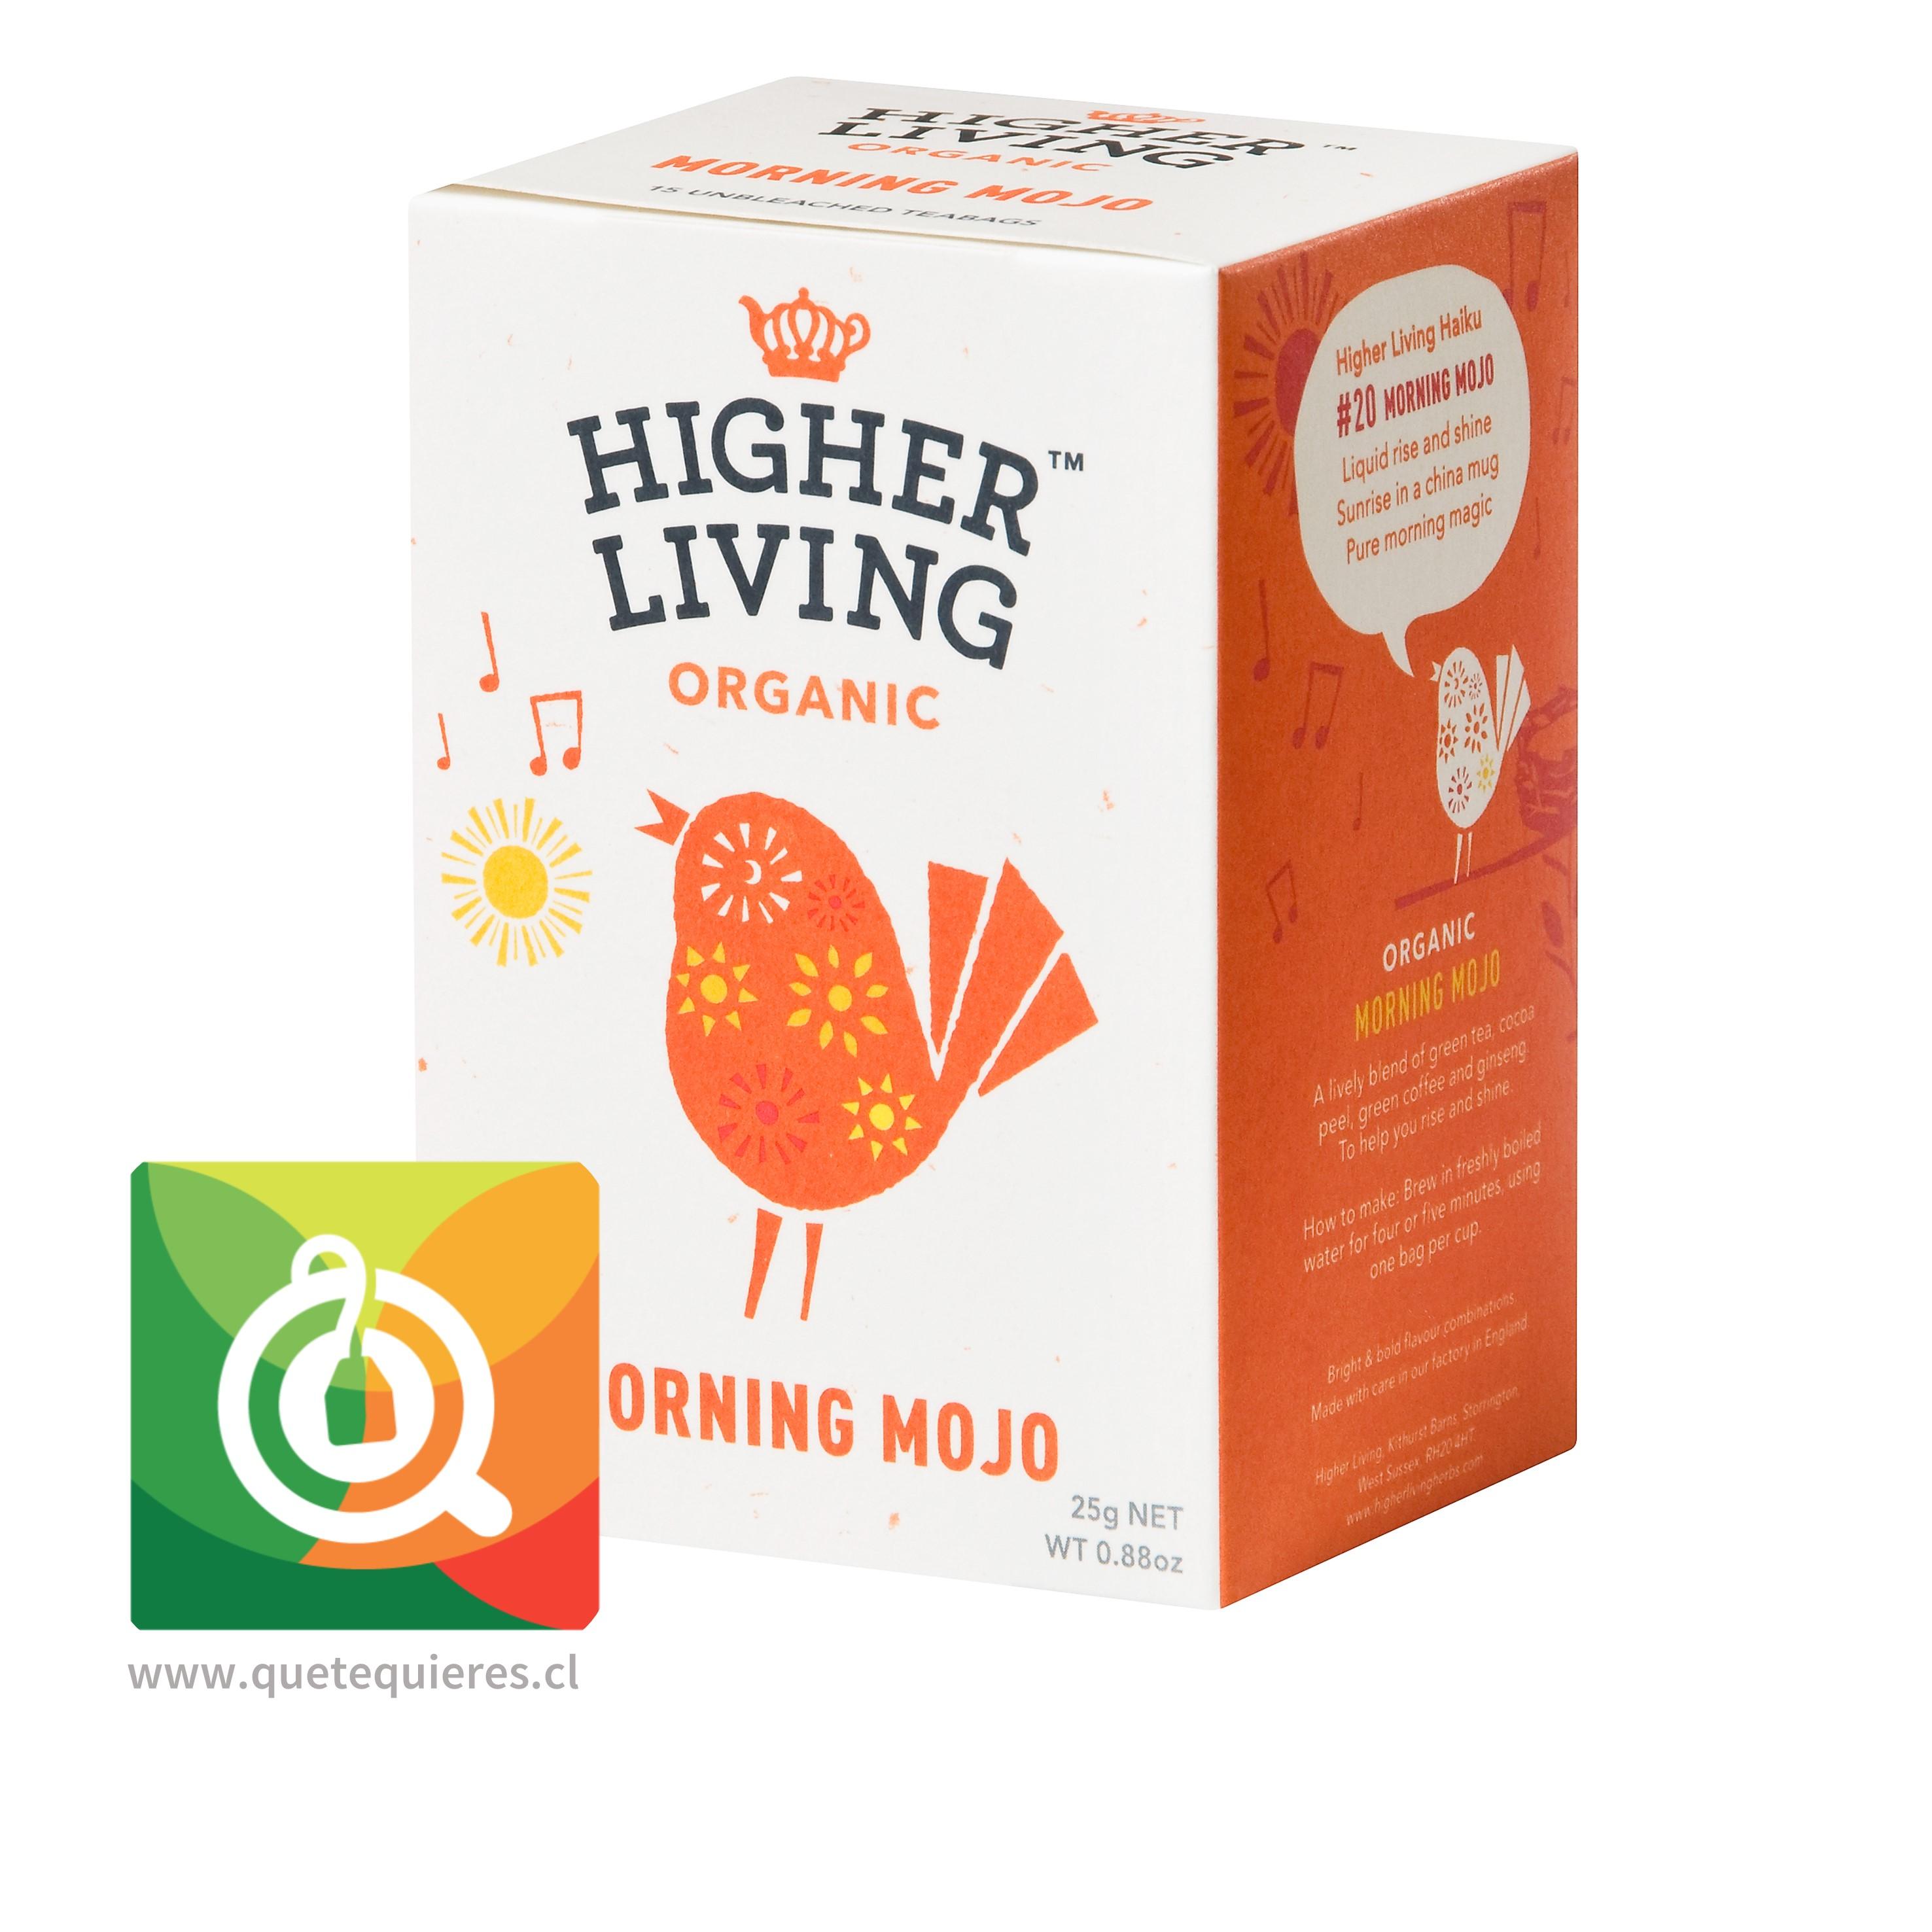 Higher Living Infusión Orgánica Energizante- Organic Morning Mojo